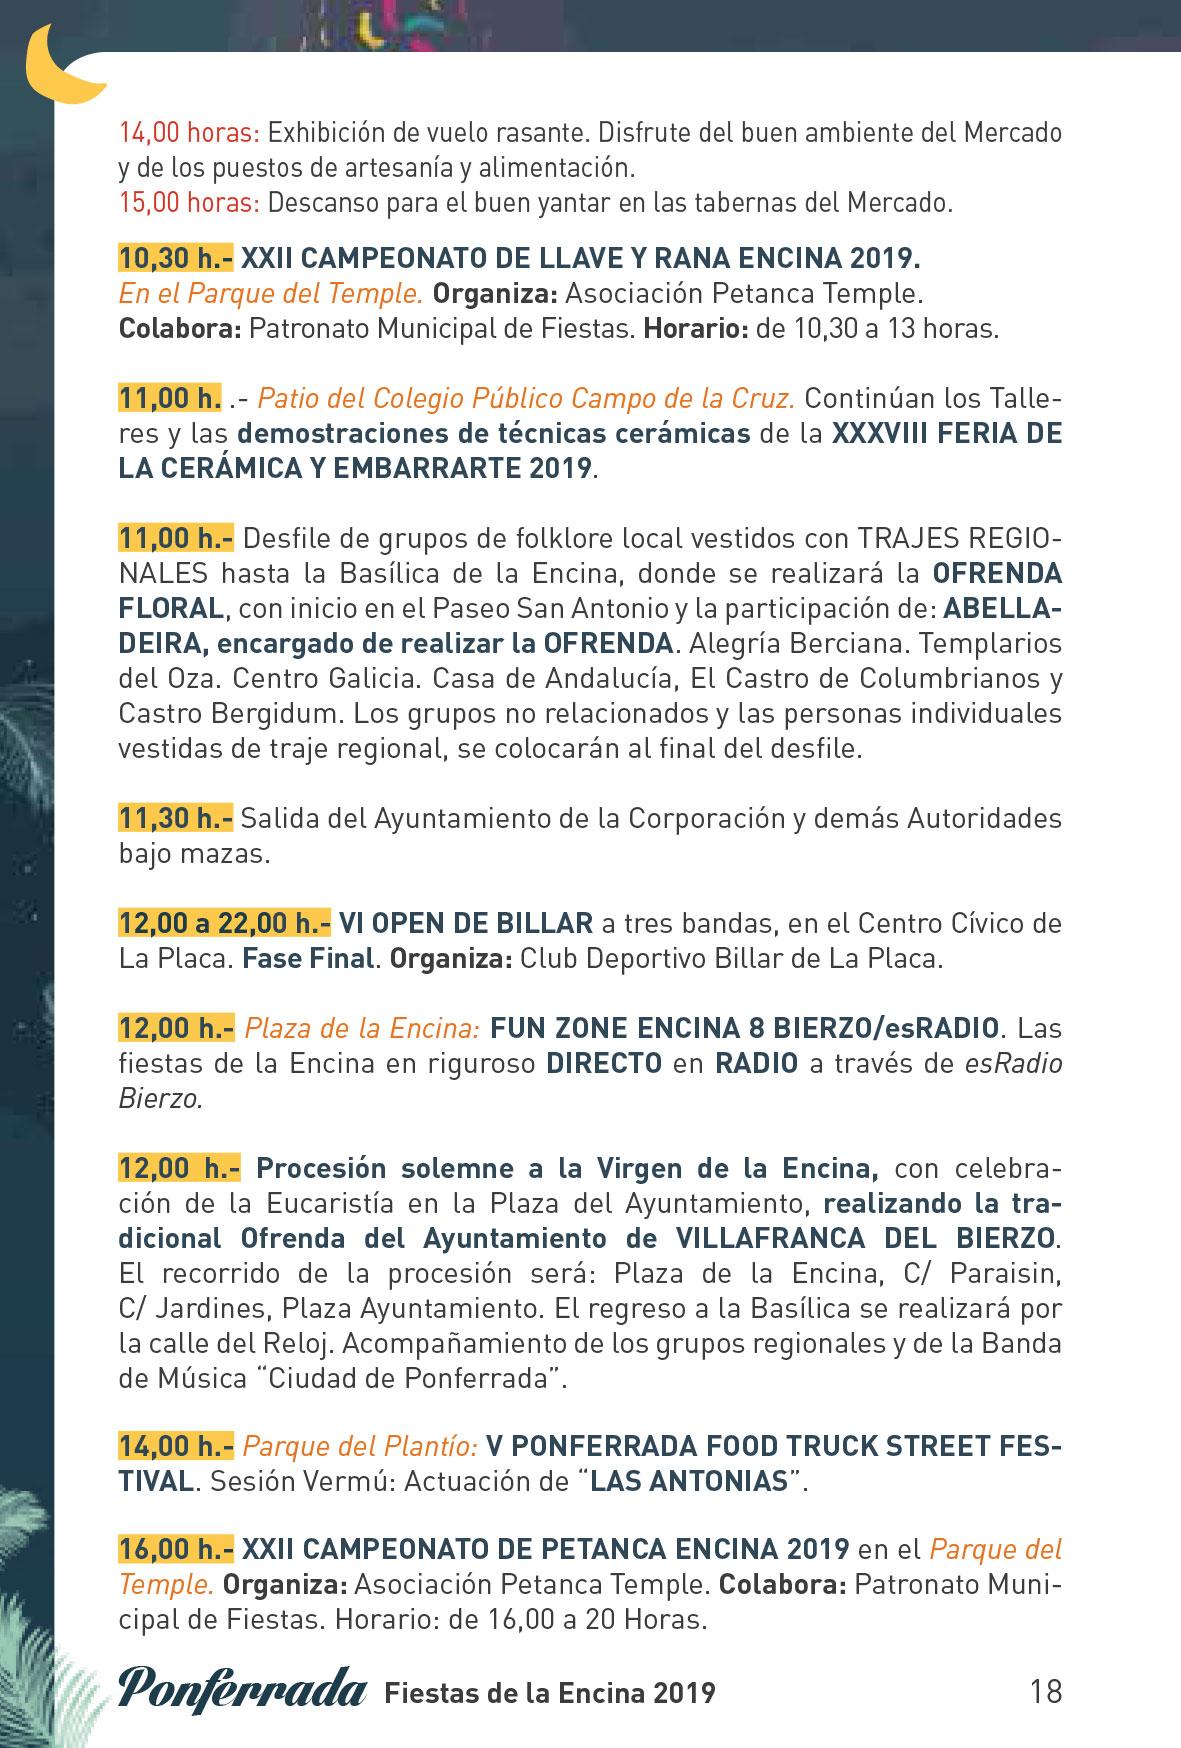 Fiestas de la Encina 2019. Programa y actividades 18